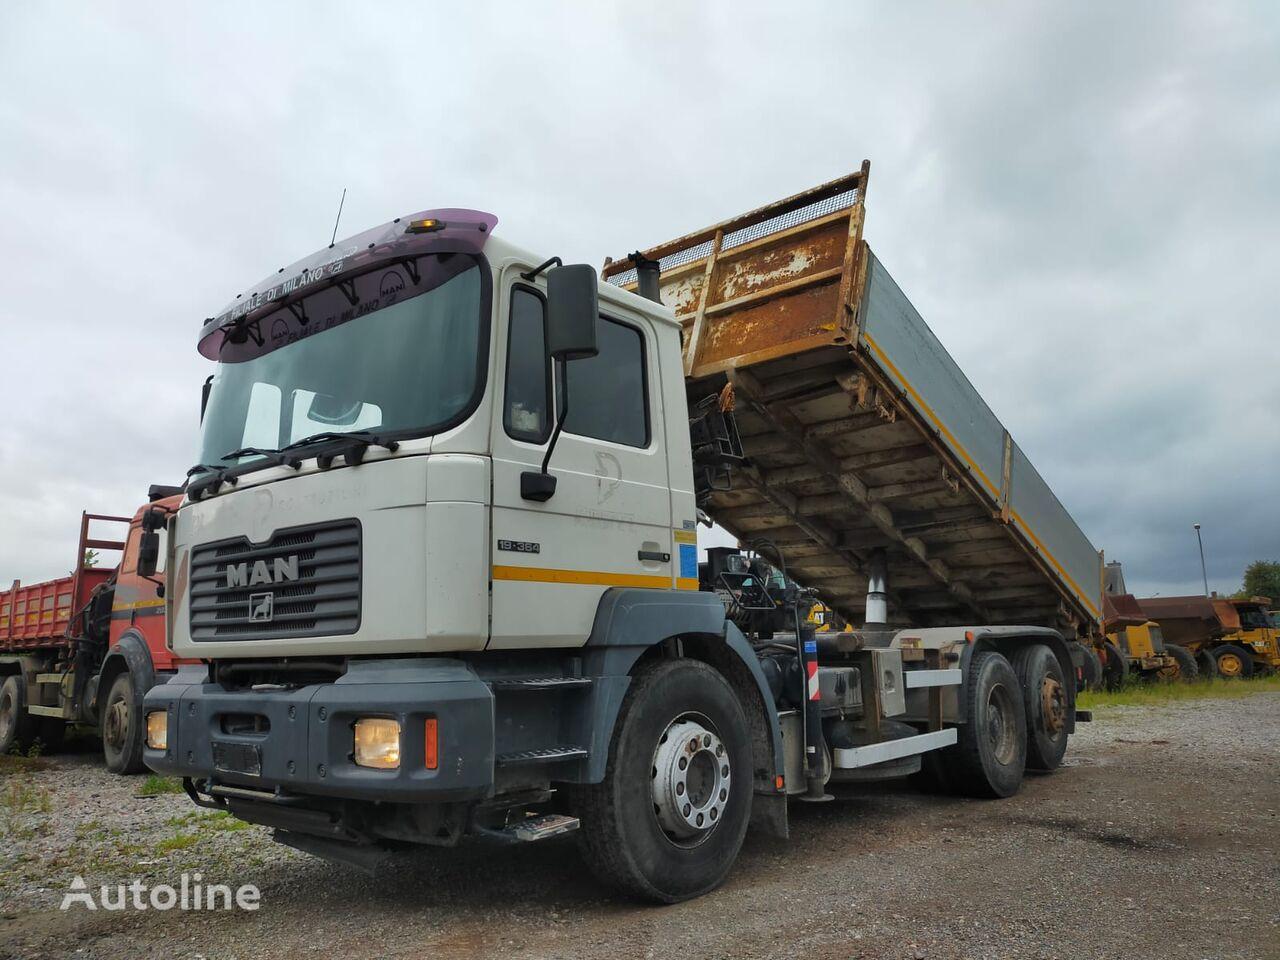 MAN 19.364 - 6x2 dump truck